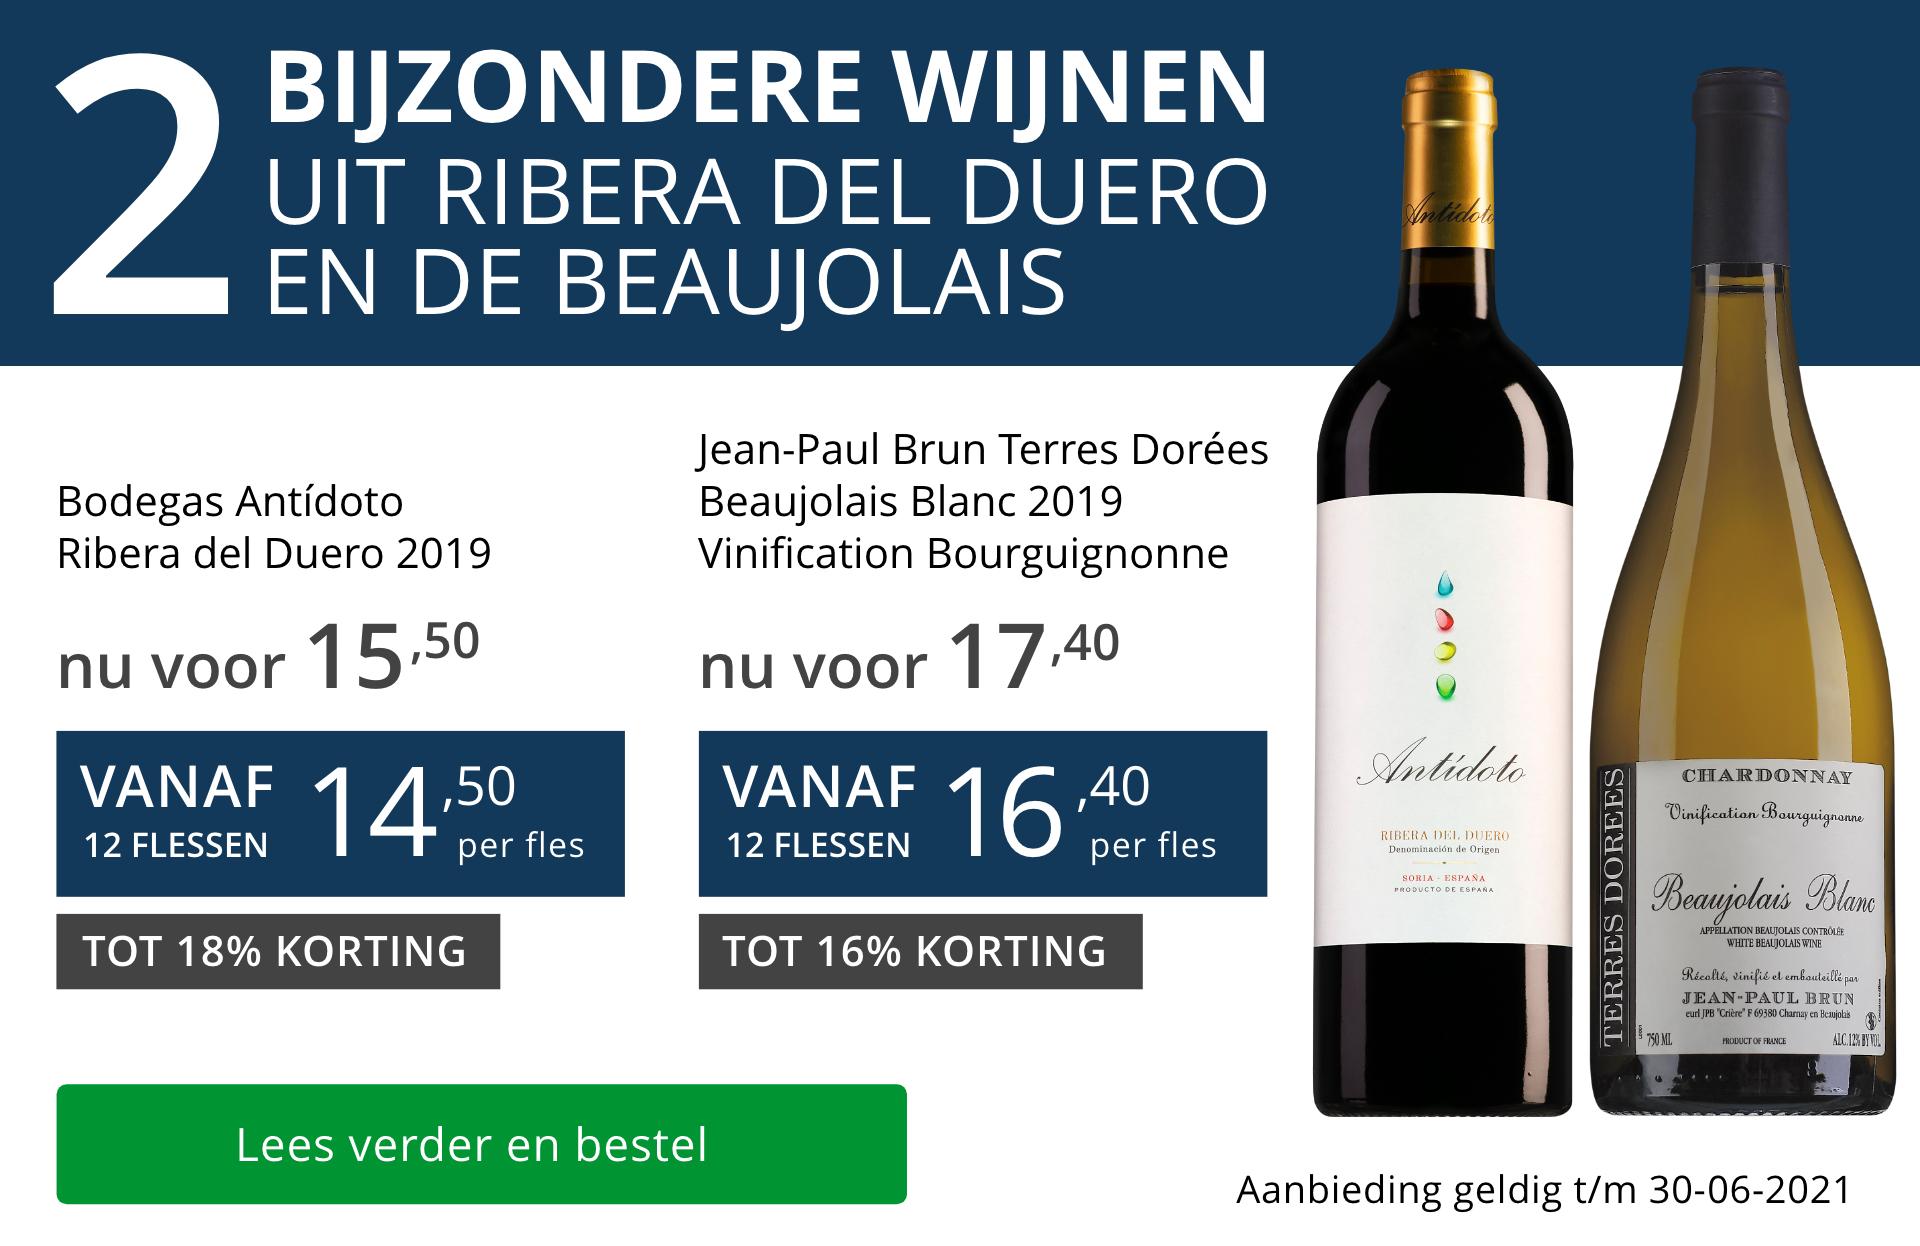 Twee bijzondere wijnen juni 2021 - blauw